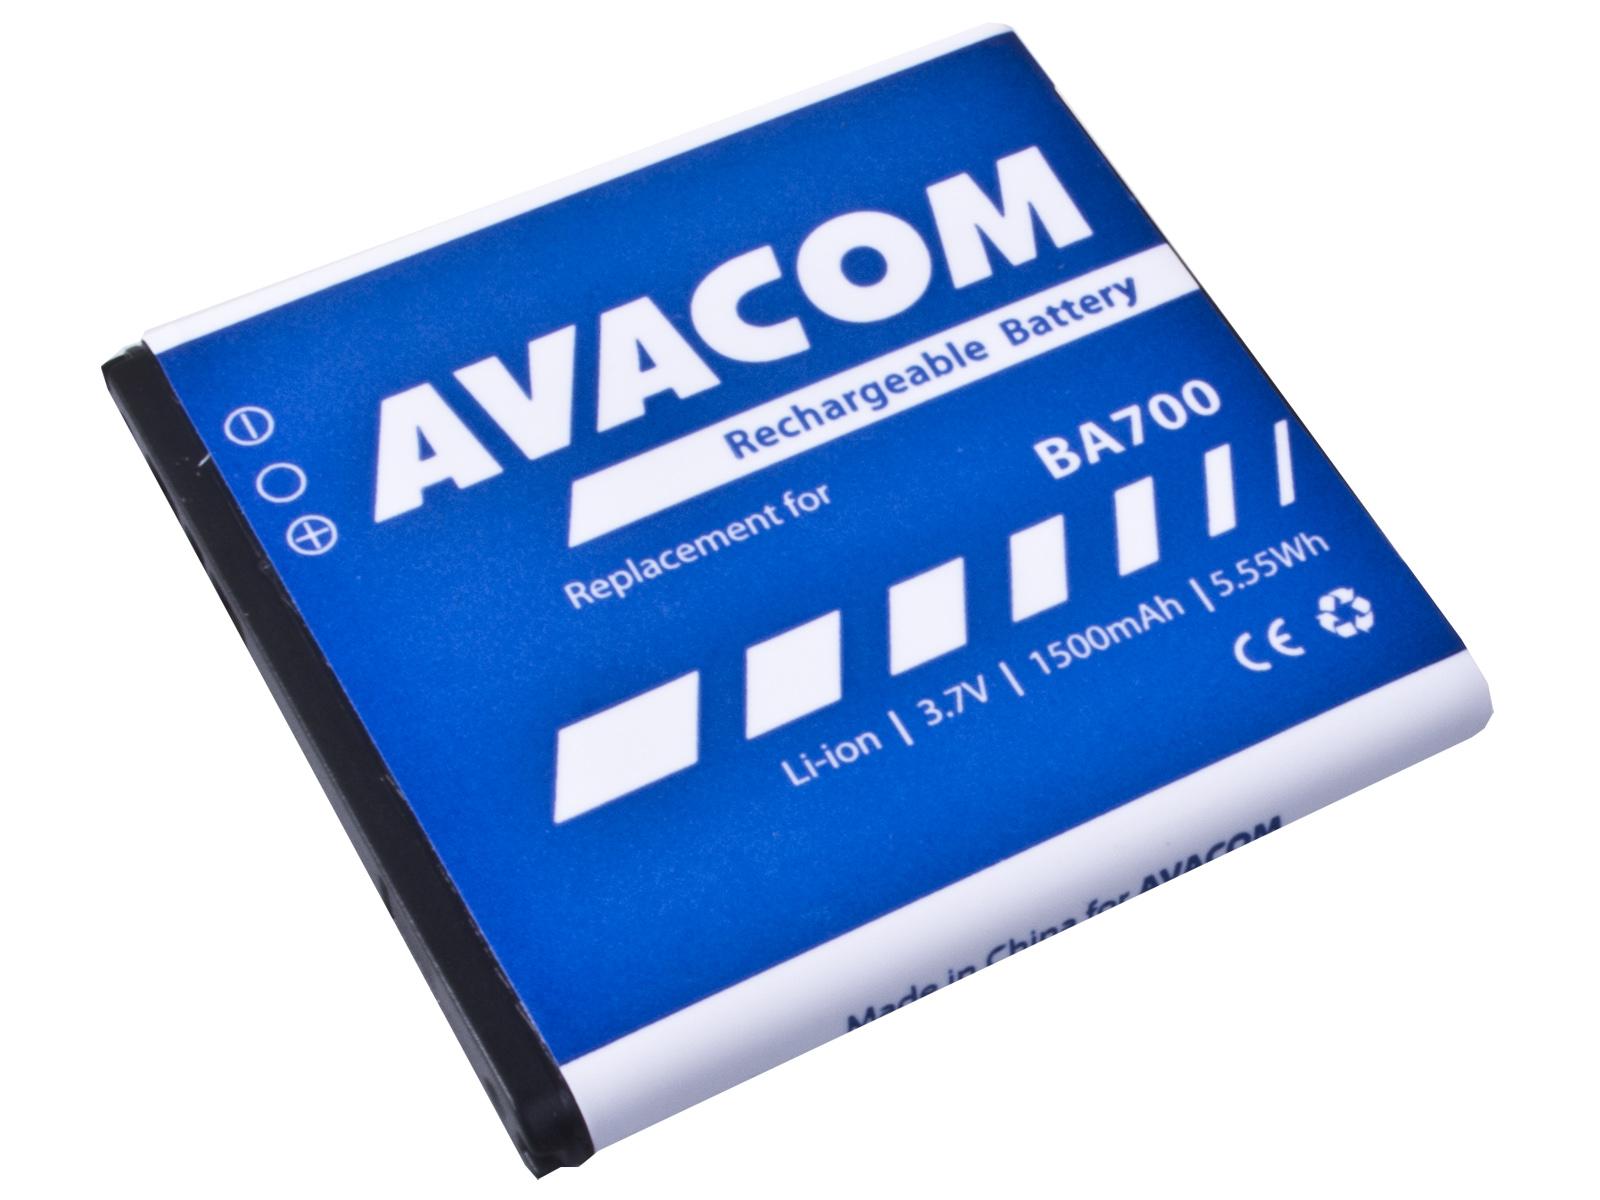 Náhradní baterie AVACOM Baterie do mobilu Sony Ericsson pro Xperia Neo, Xperia Pro, Xperia Ray Li-Ion 3,7V 1500mAh (náhr